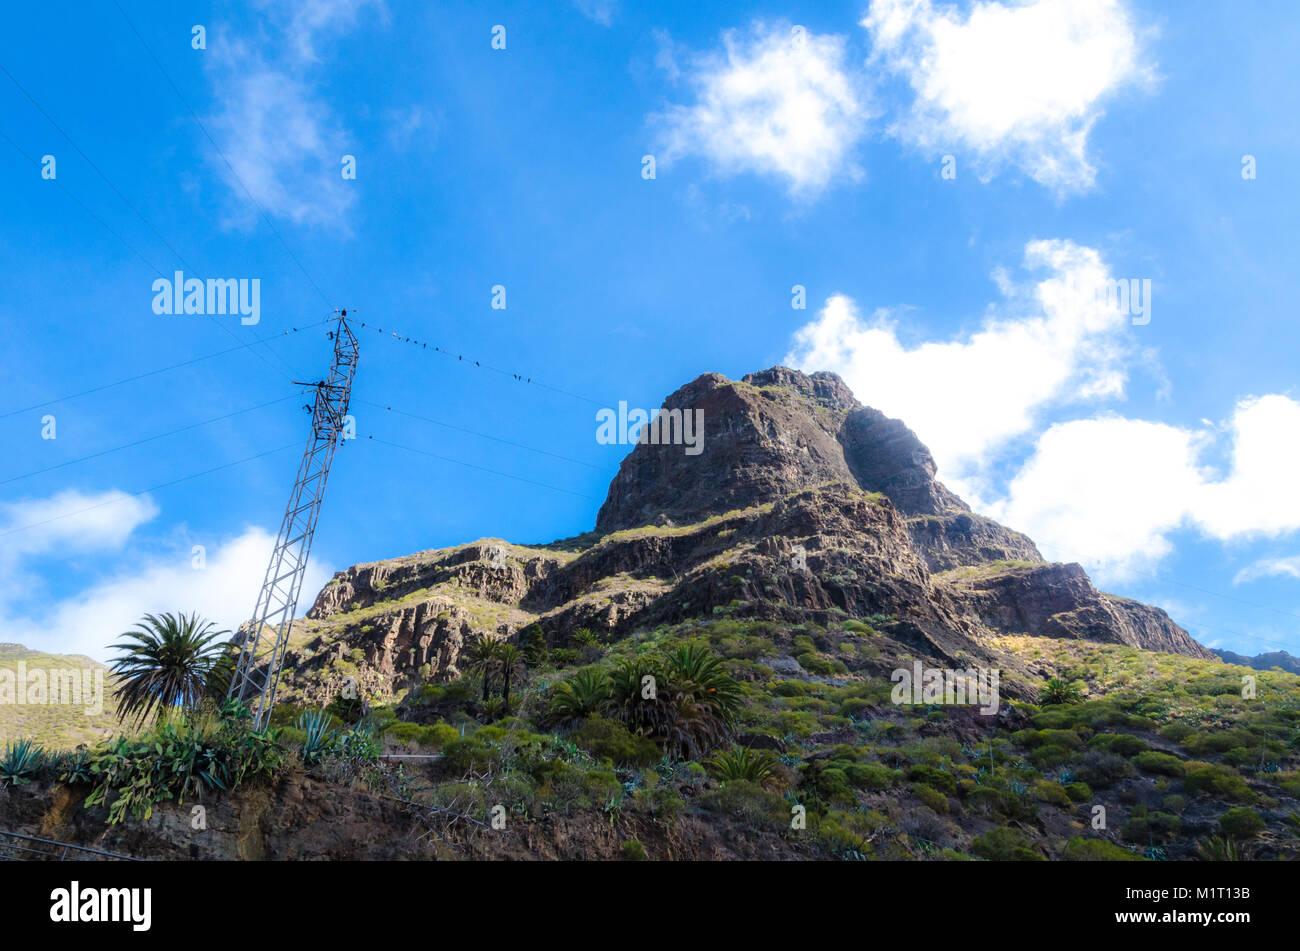 Hügel mit Blick auf das Dorf Masca auf Teneriffa, Spanien Stockbild